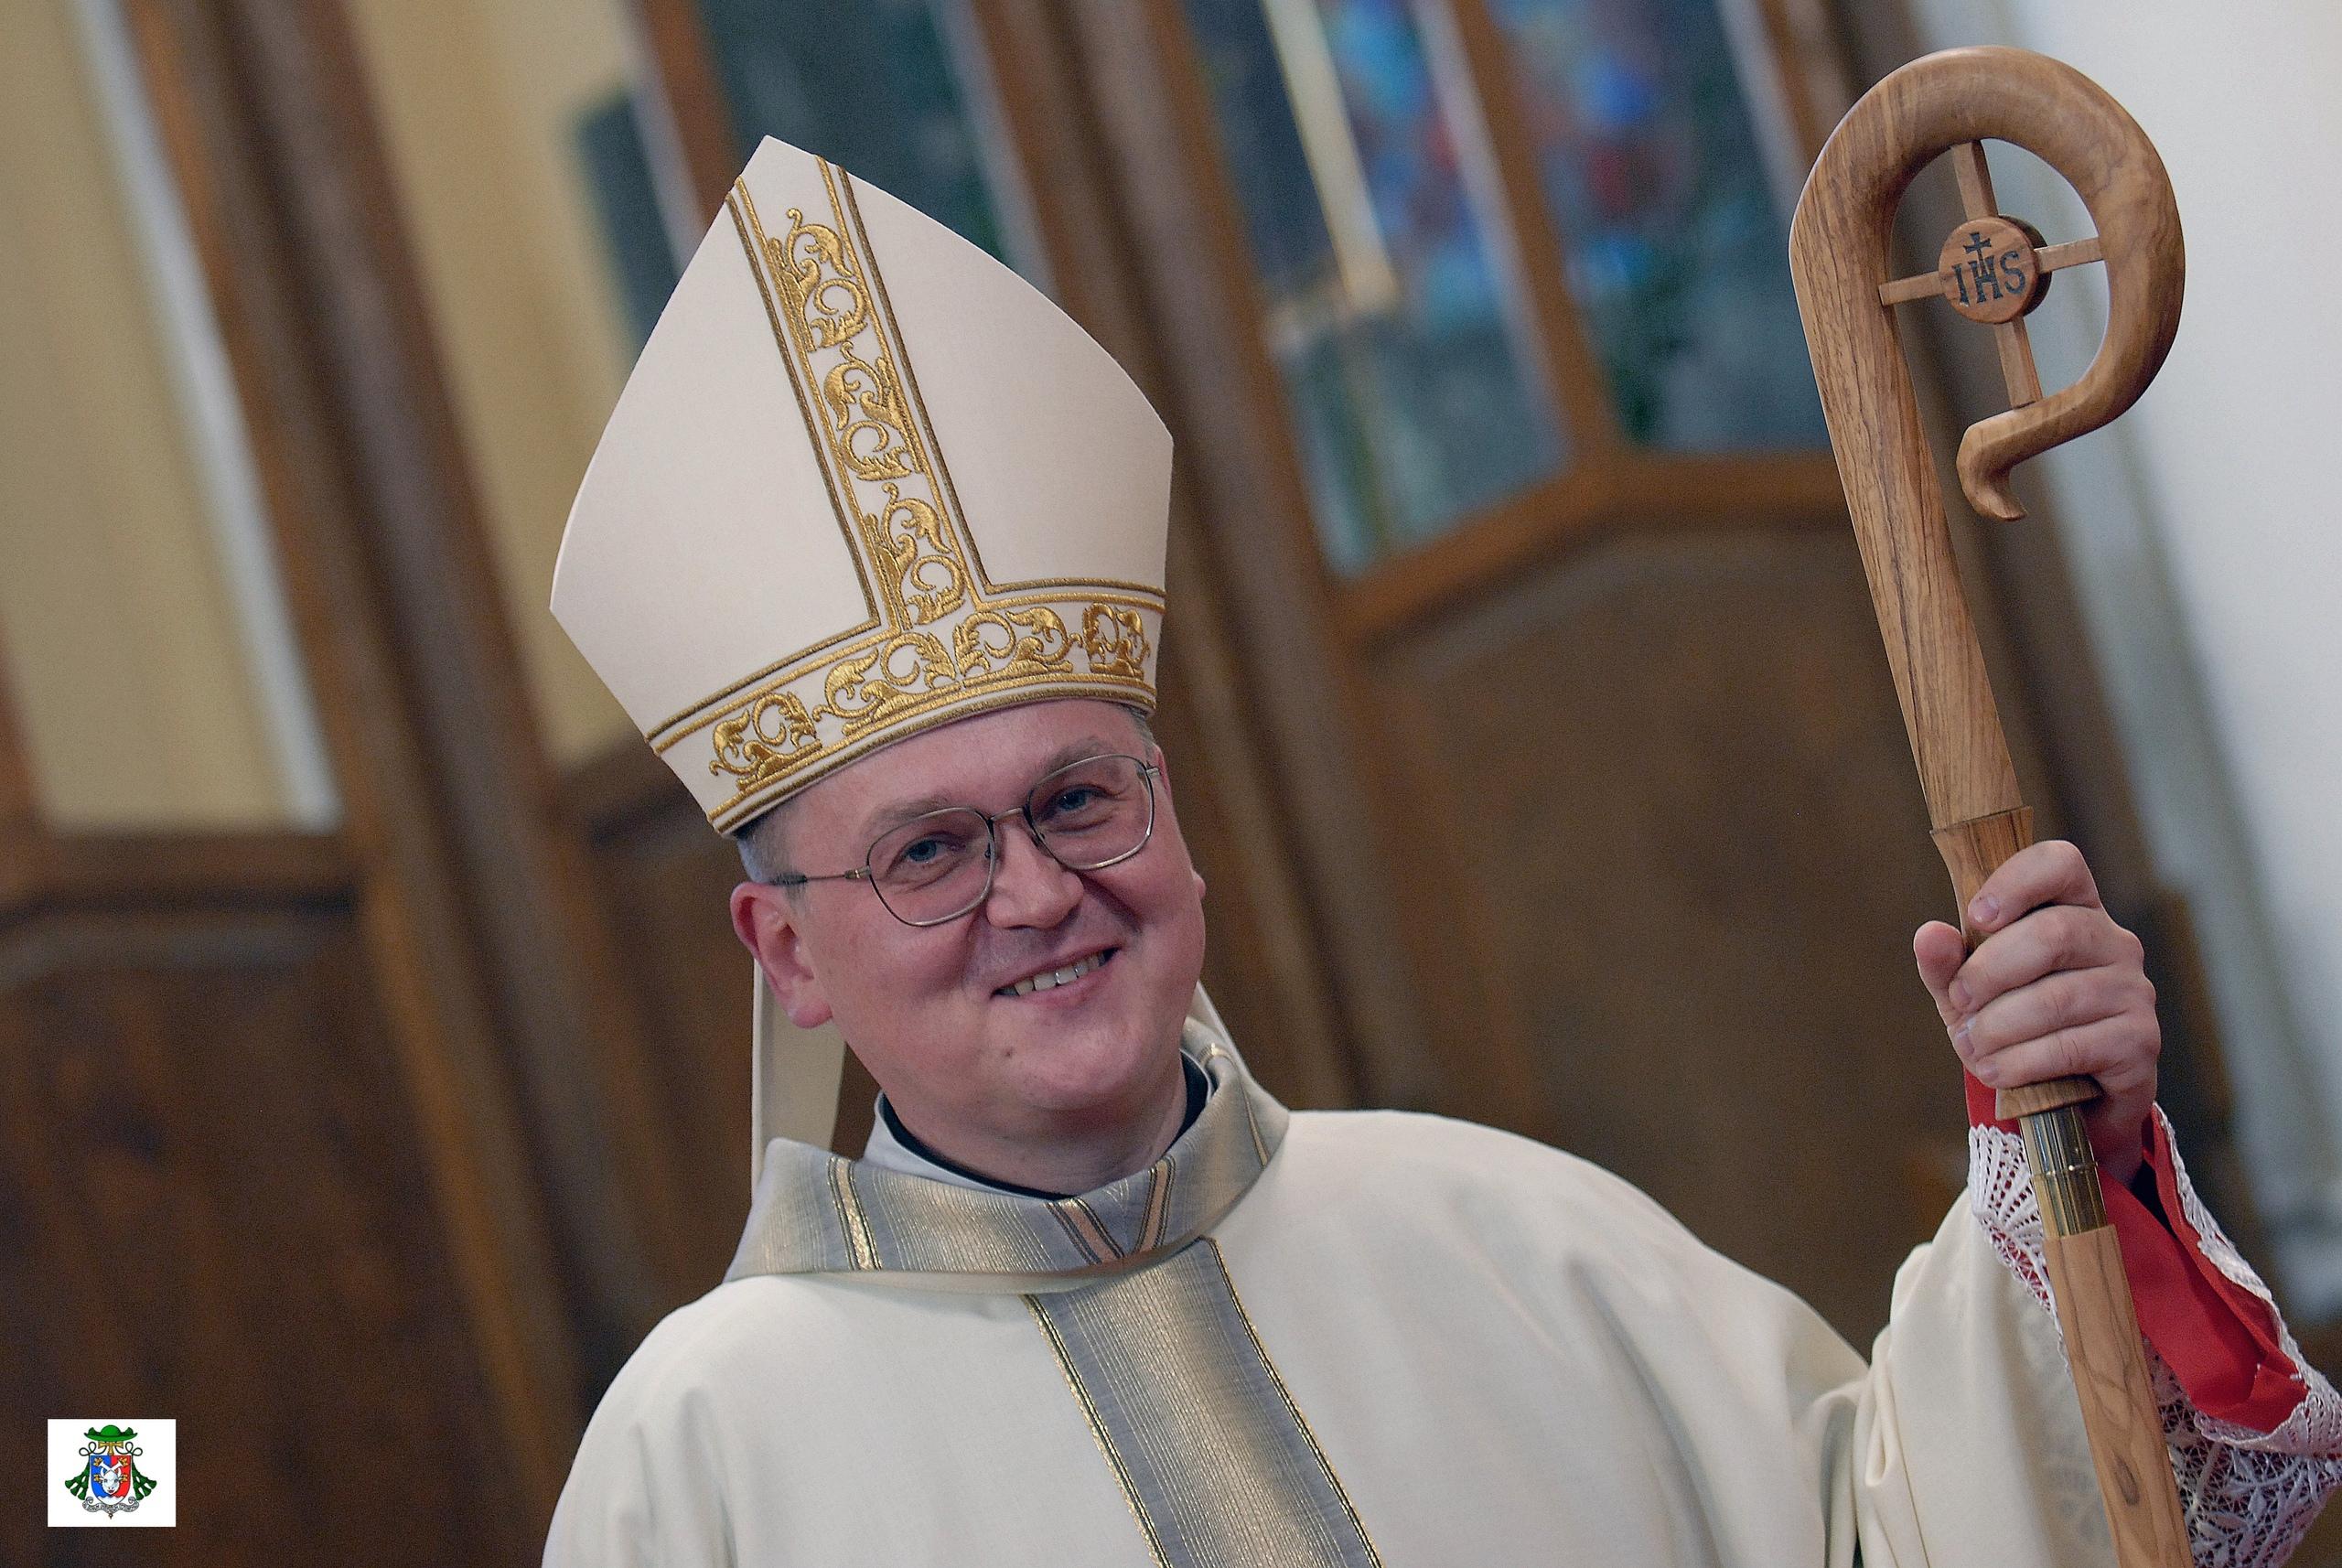 Благодарственное слово епископа Николая Дубинина, зачитанное им 4 октября 2020 года в Кафедральном соборе Непорочного Зачатия в Москве после совершенной хиротонии во время торжественной Святой Мессы